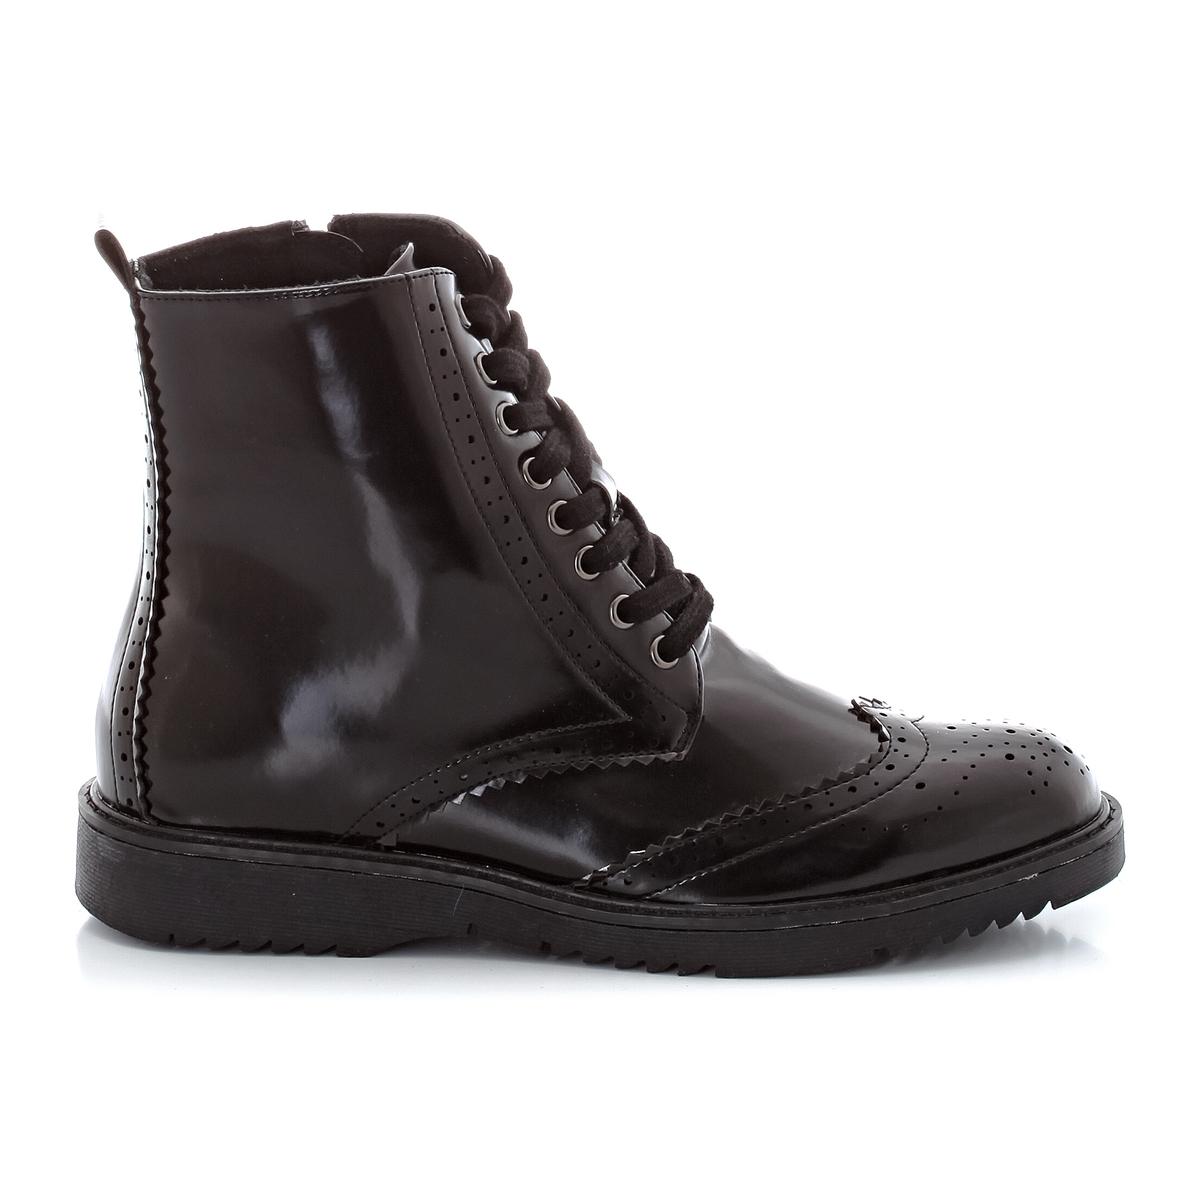 Ботинки на шнуровкеВерх : синтетика             Подкладка : полиэстер.     Стелька : синтетика     Подошва : эластомер     Форма каблука : плоский каблук.     Мысок : закругленный     Застежка : Шнуровка<br><br>Цвет: черный<br>Размер: 40.39.38.37.36.42